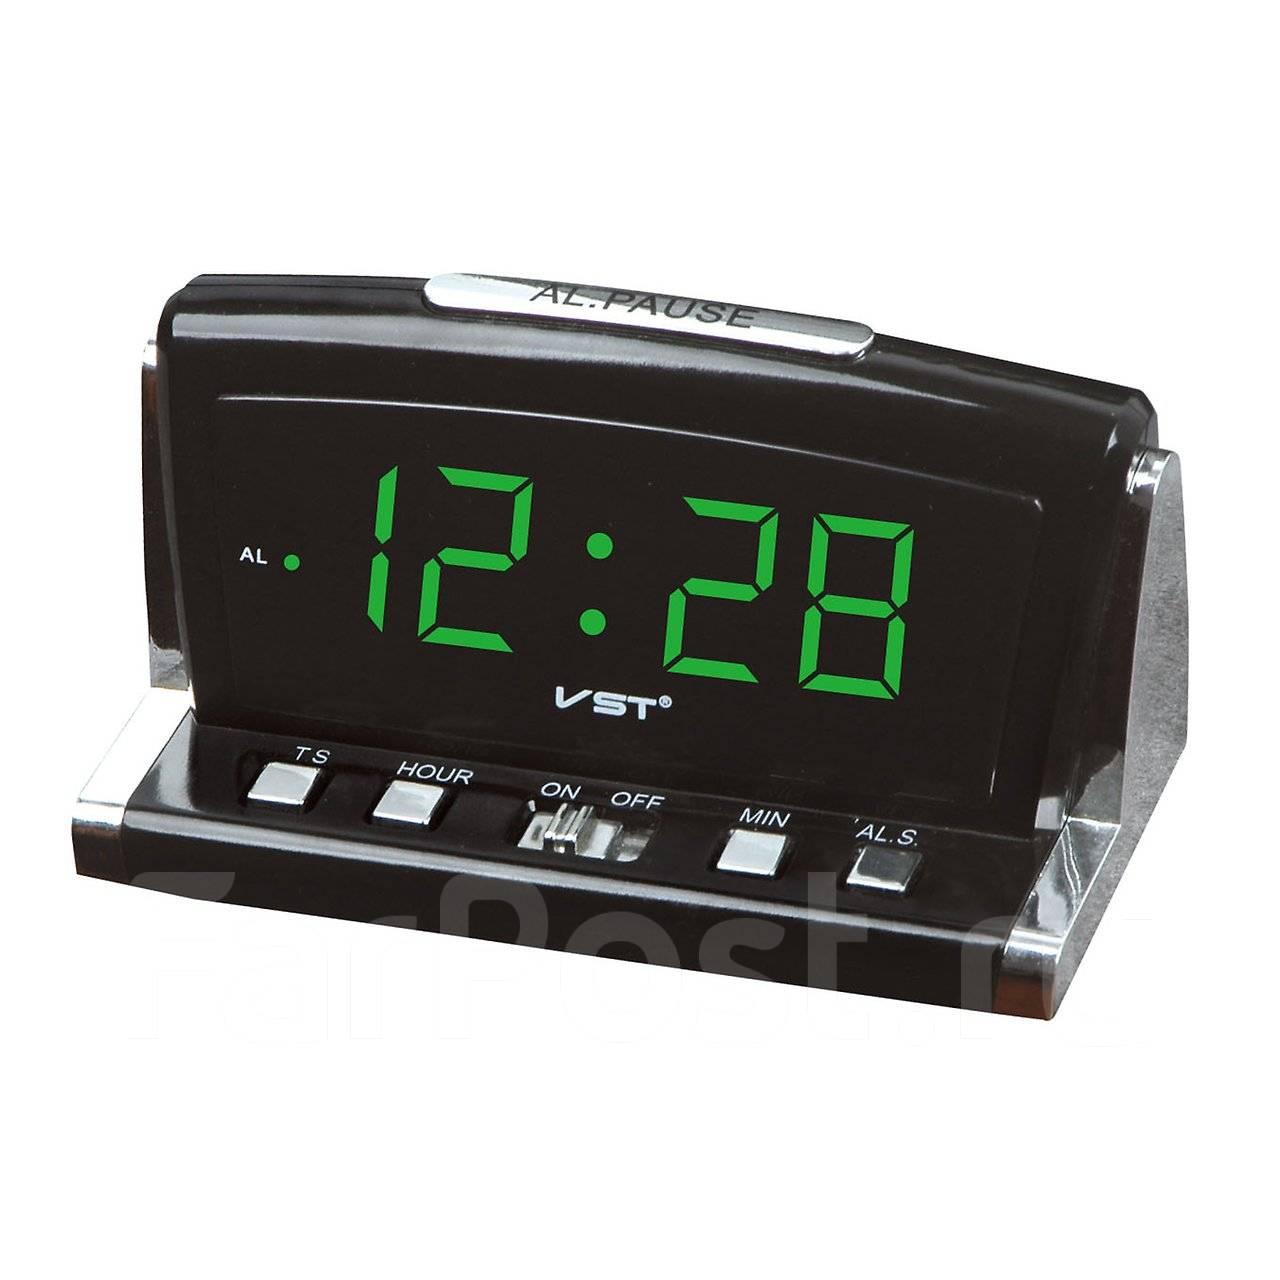 Инструкция к сетевому будильнику гранат рт 120